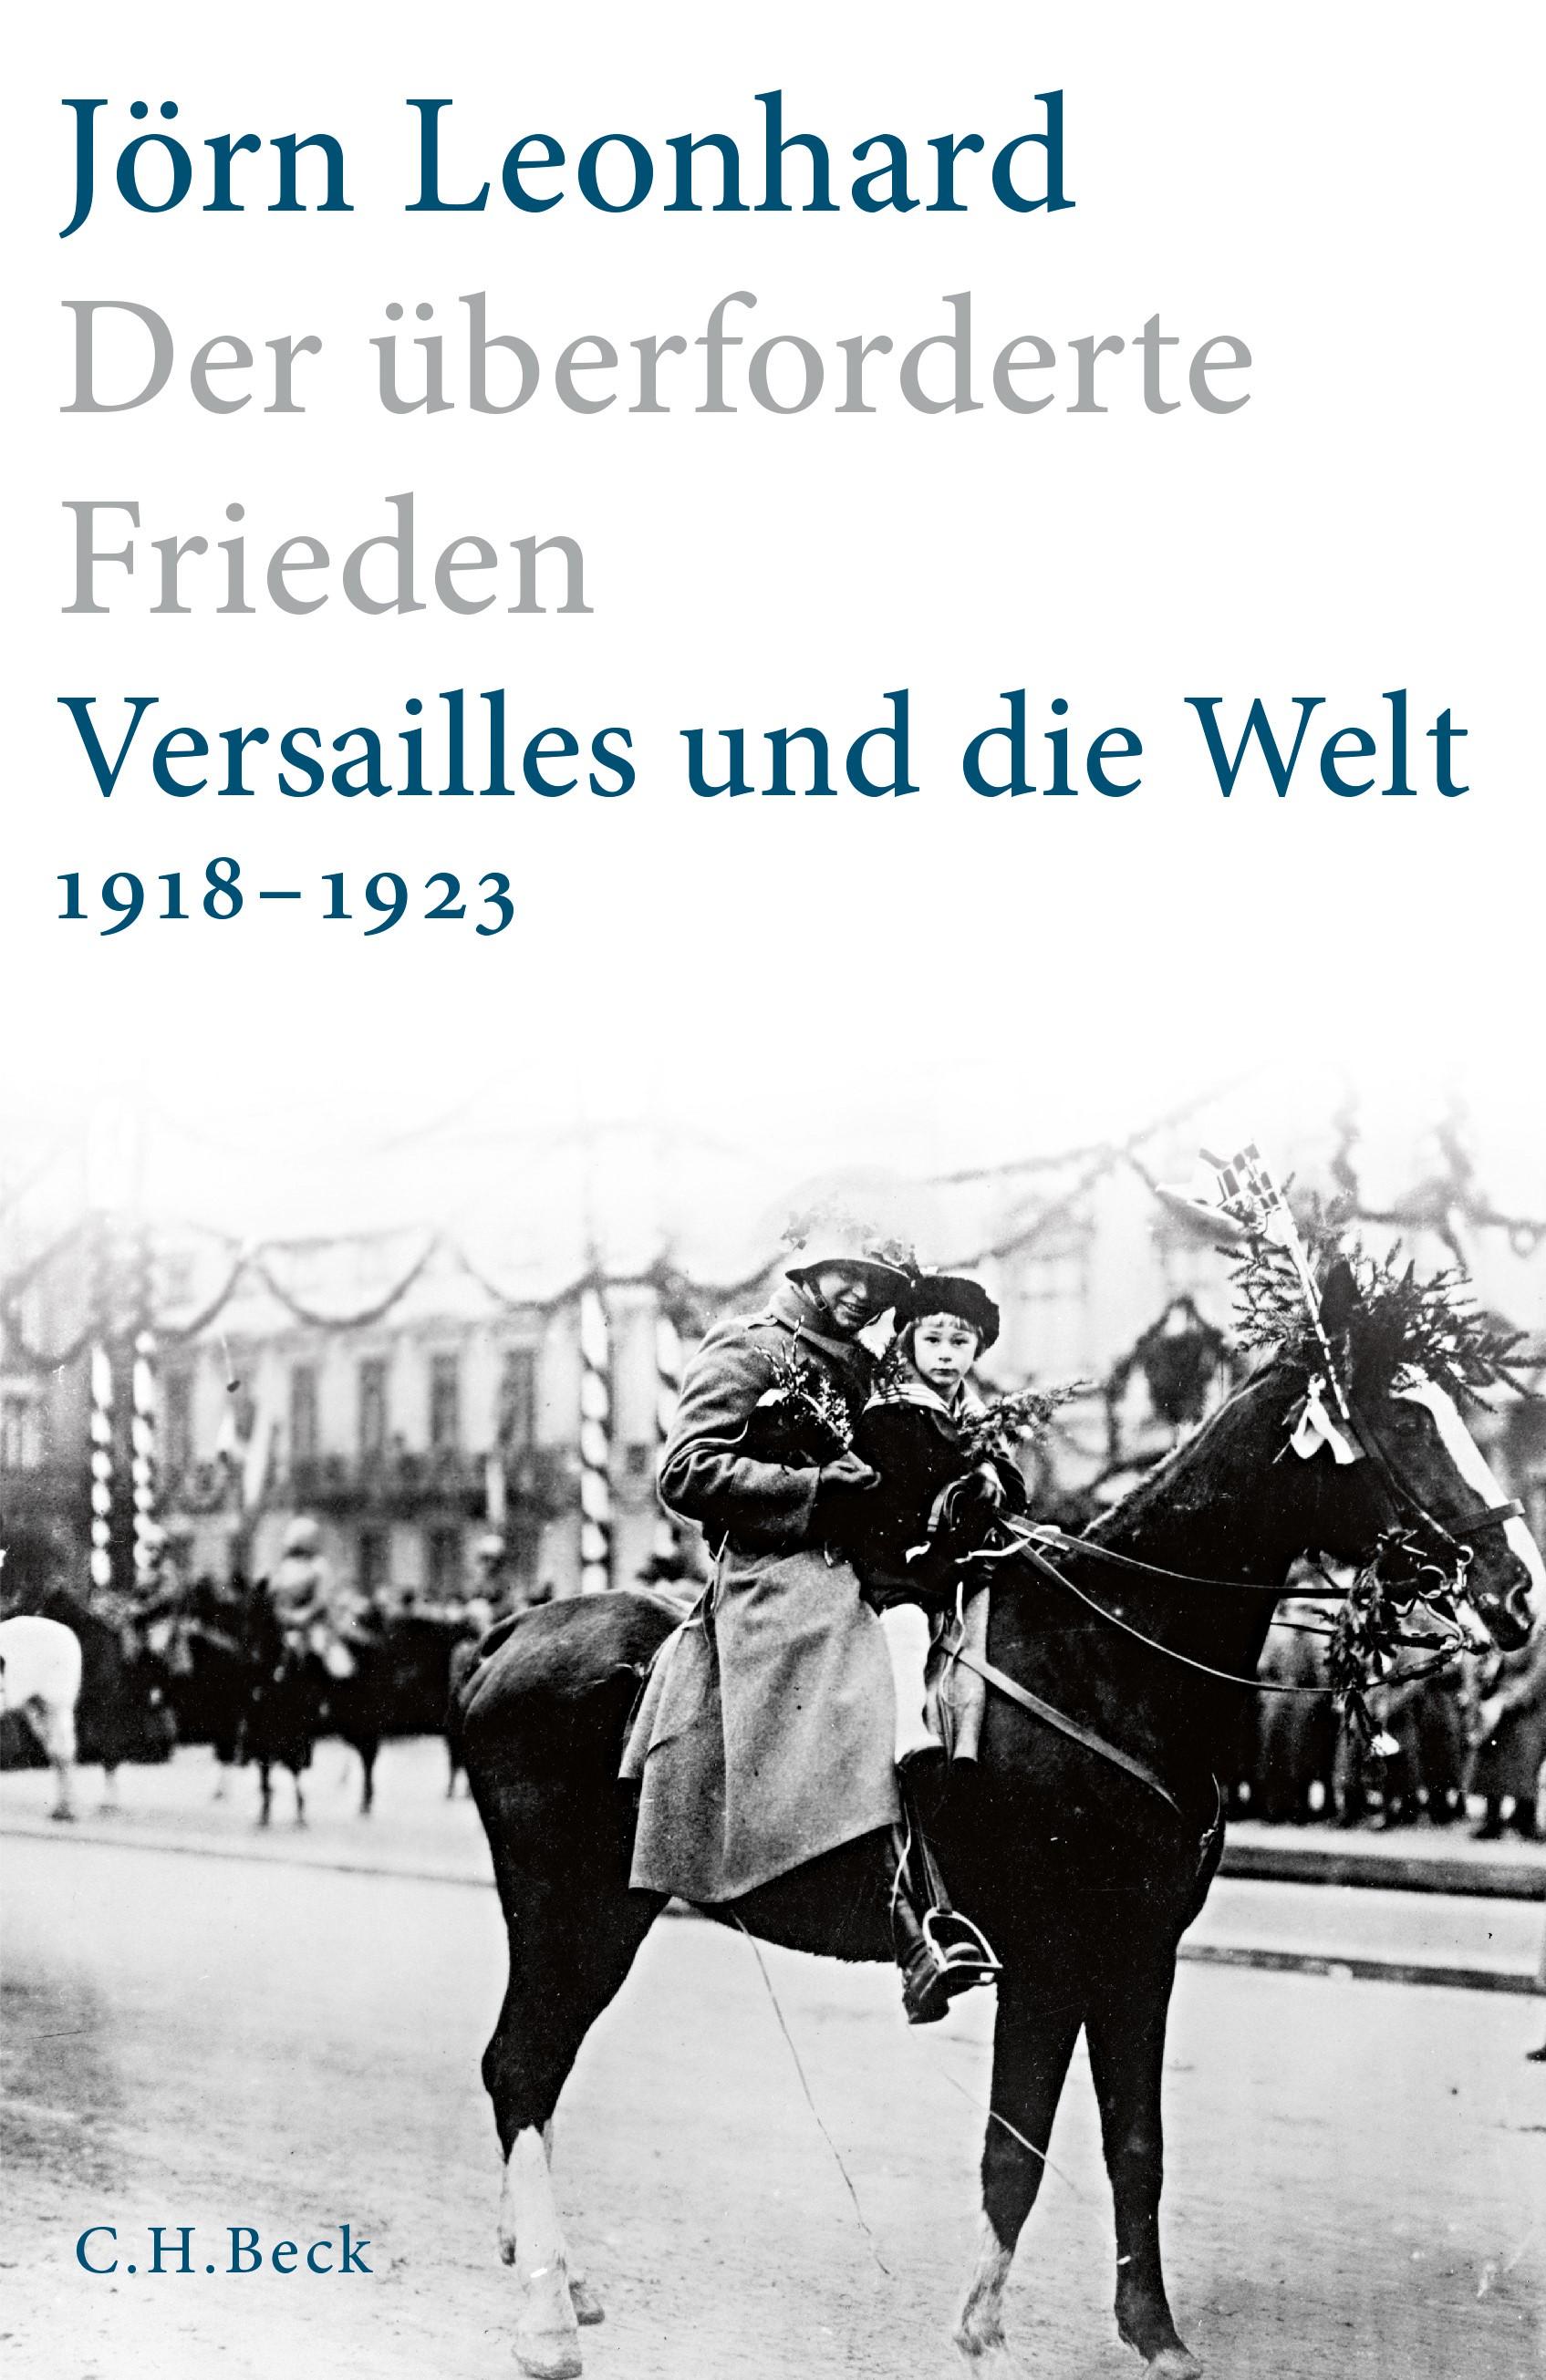 Der überforderte Frieden | Leonhard, Jörn, 2018 | Buch (Cover)